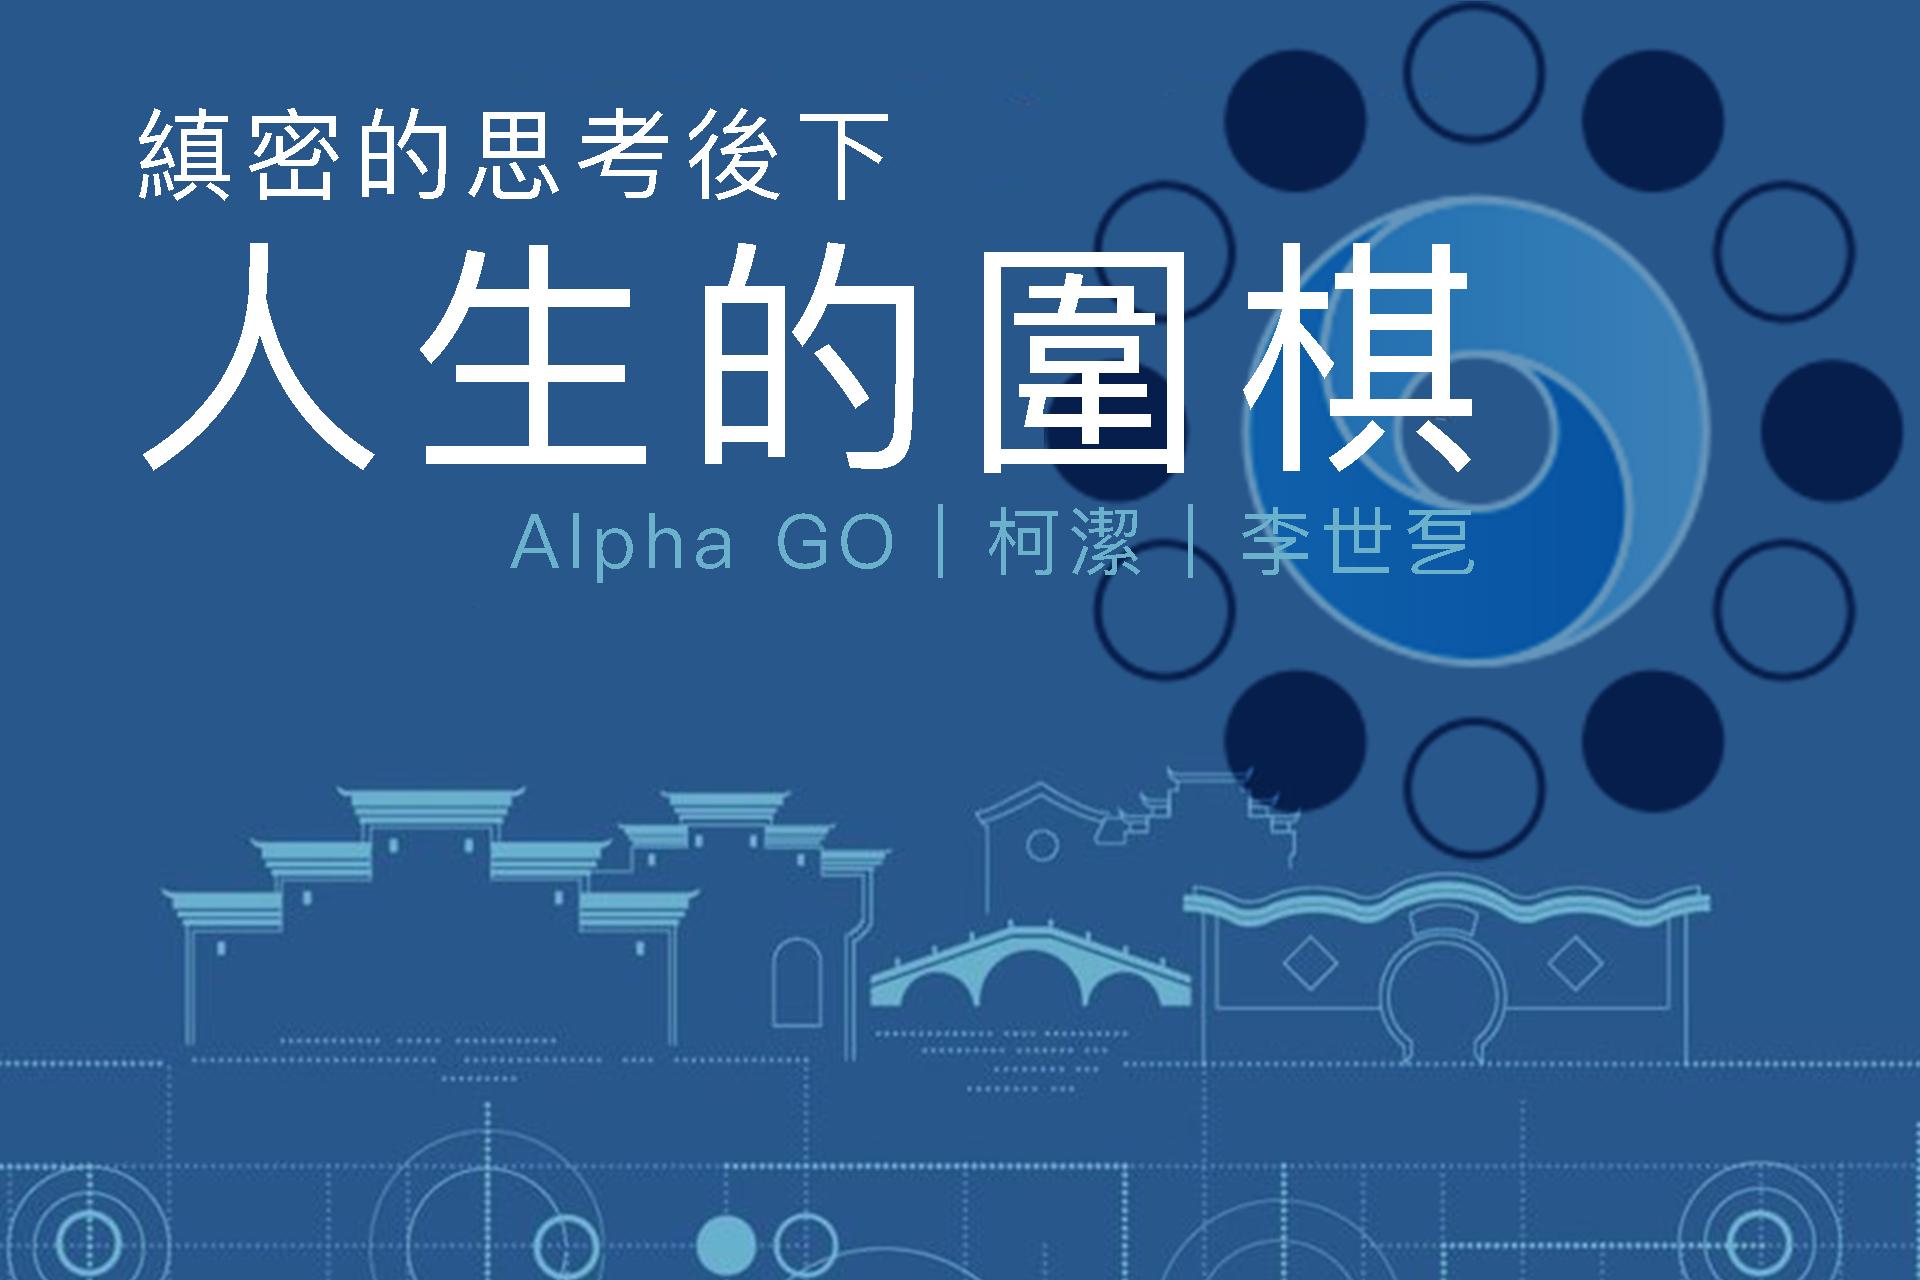 縝密的思考後下人生的圍棋吧!(AlphaGo、李世乭이세돌、柯潔)